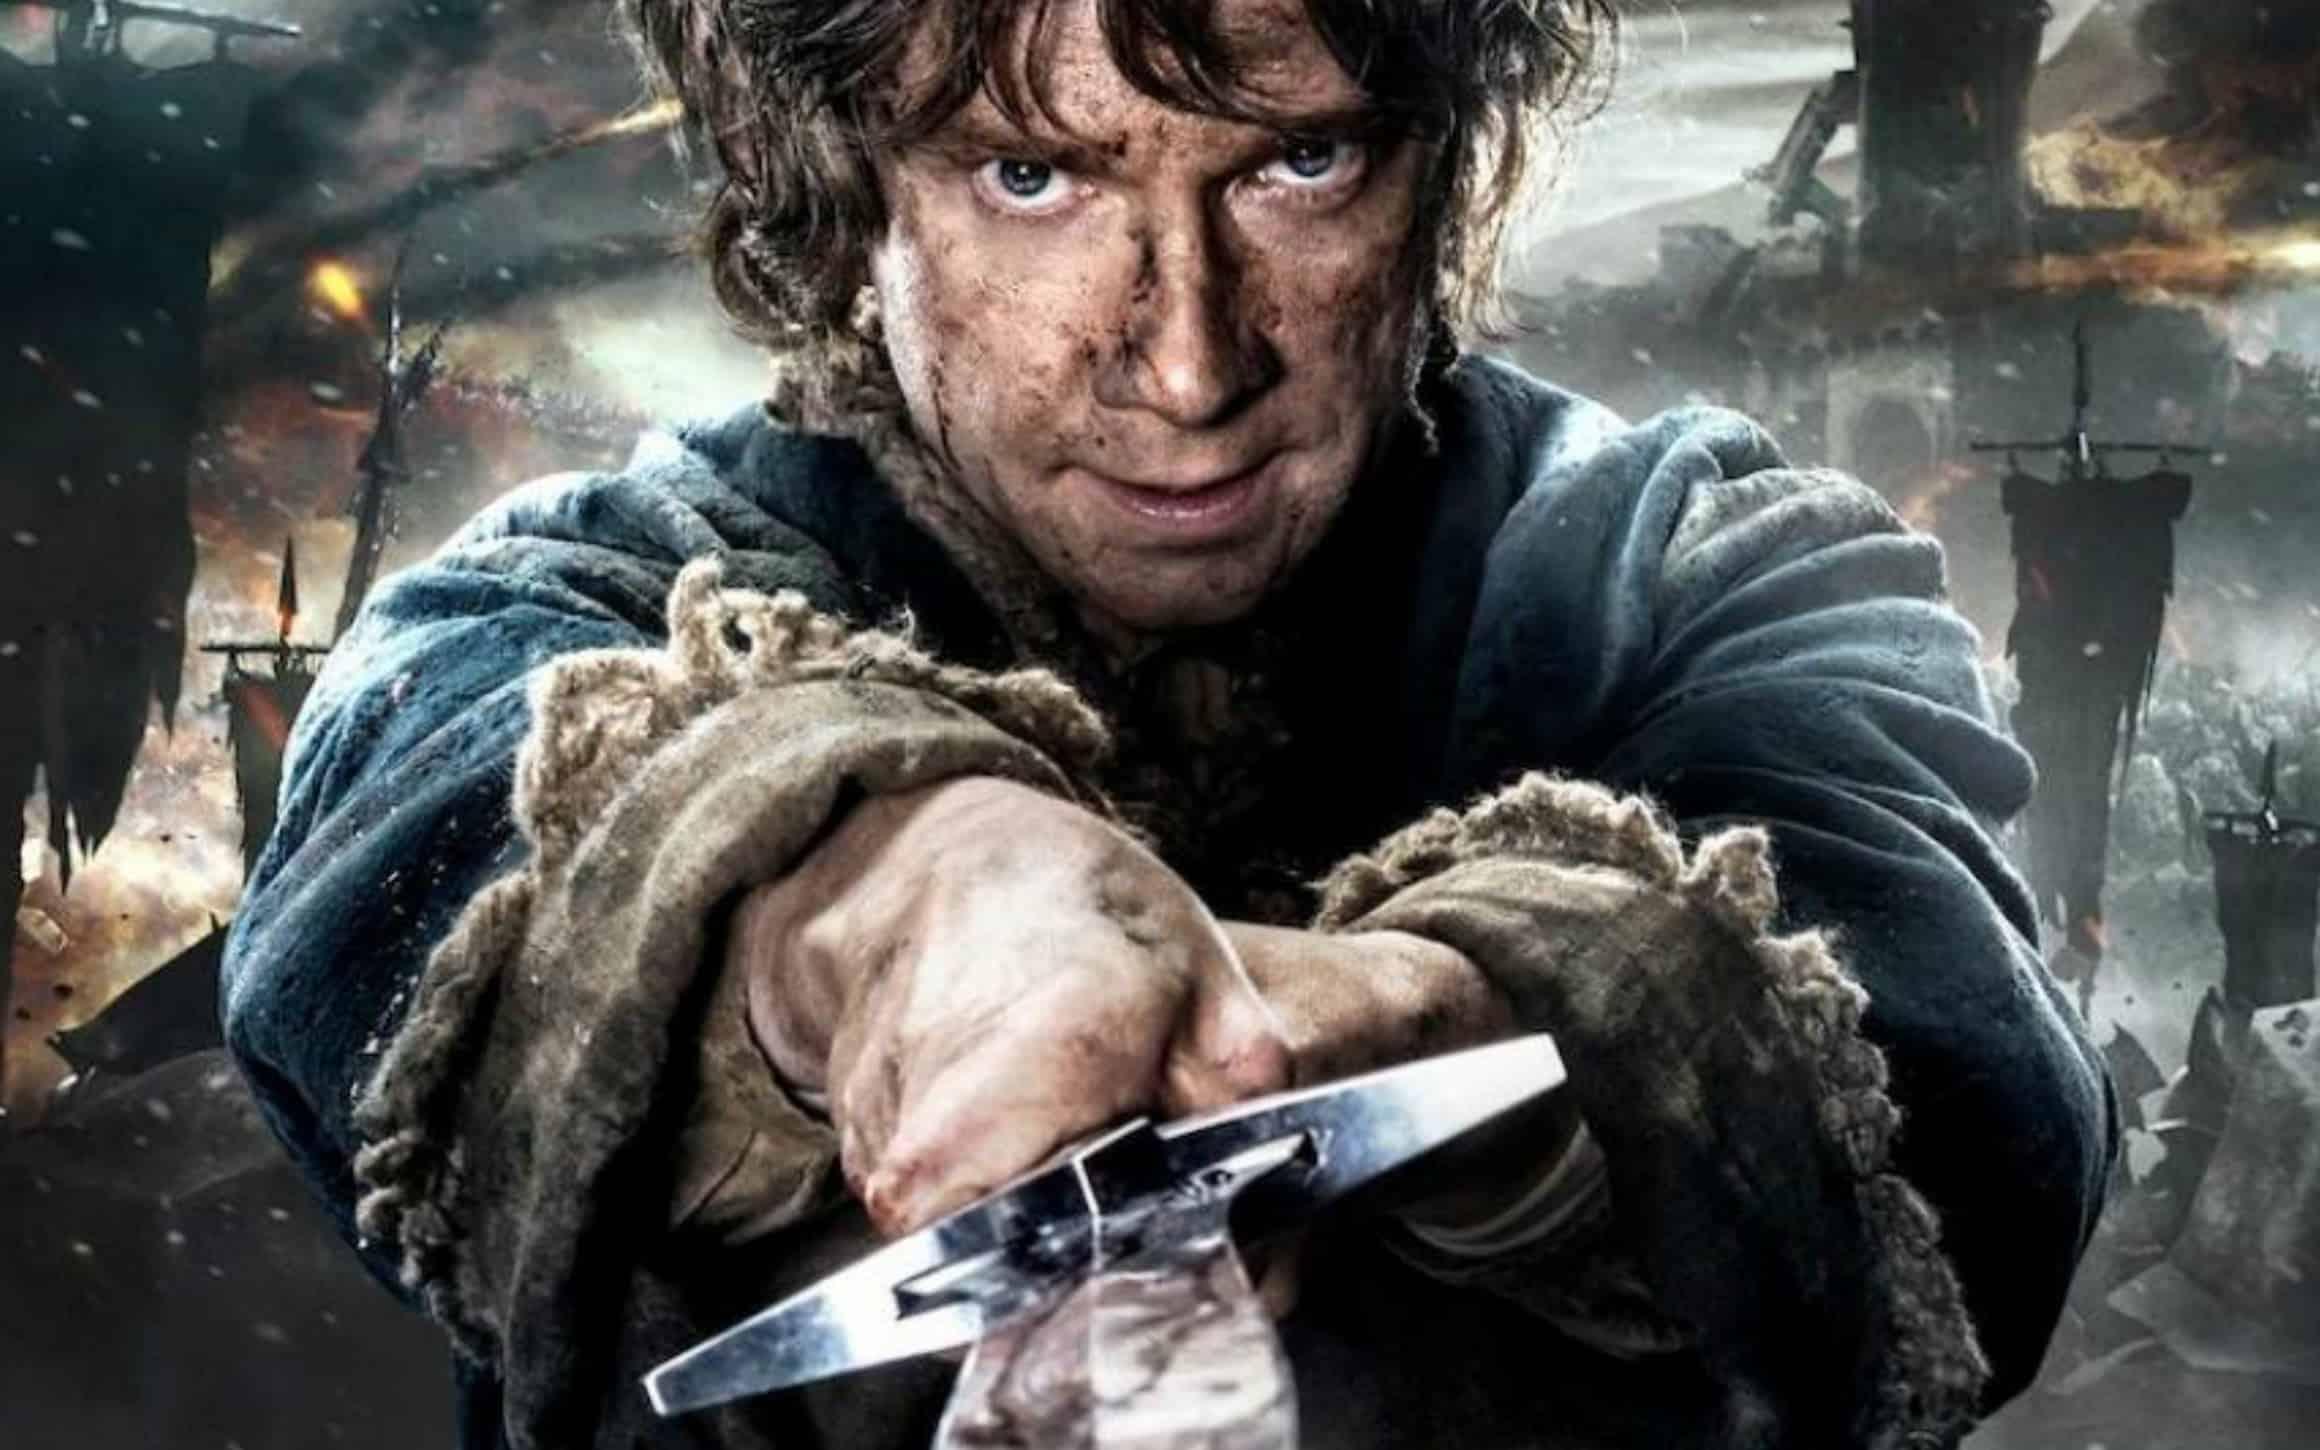 [CINEMA] Le Hobbit : la Bataille des Cinq Armées